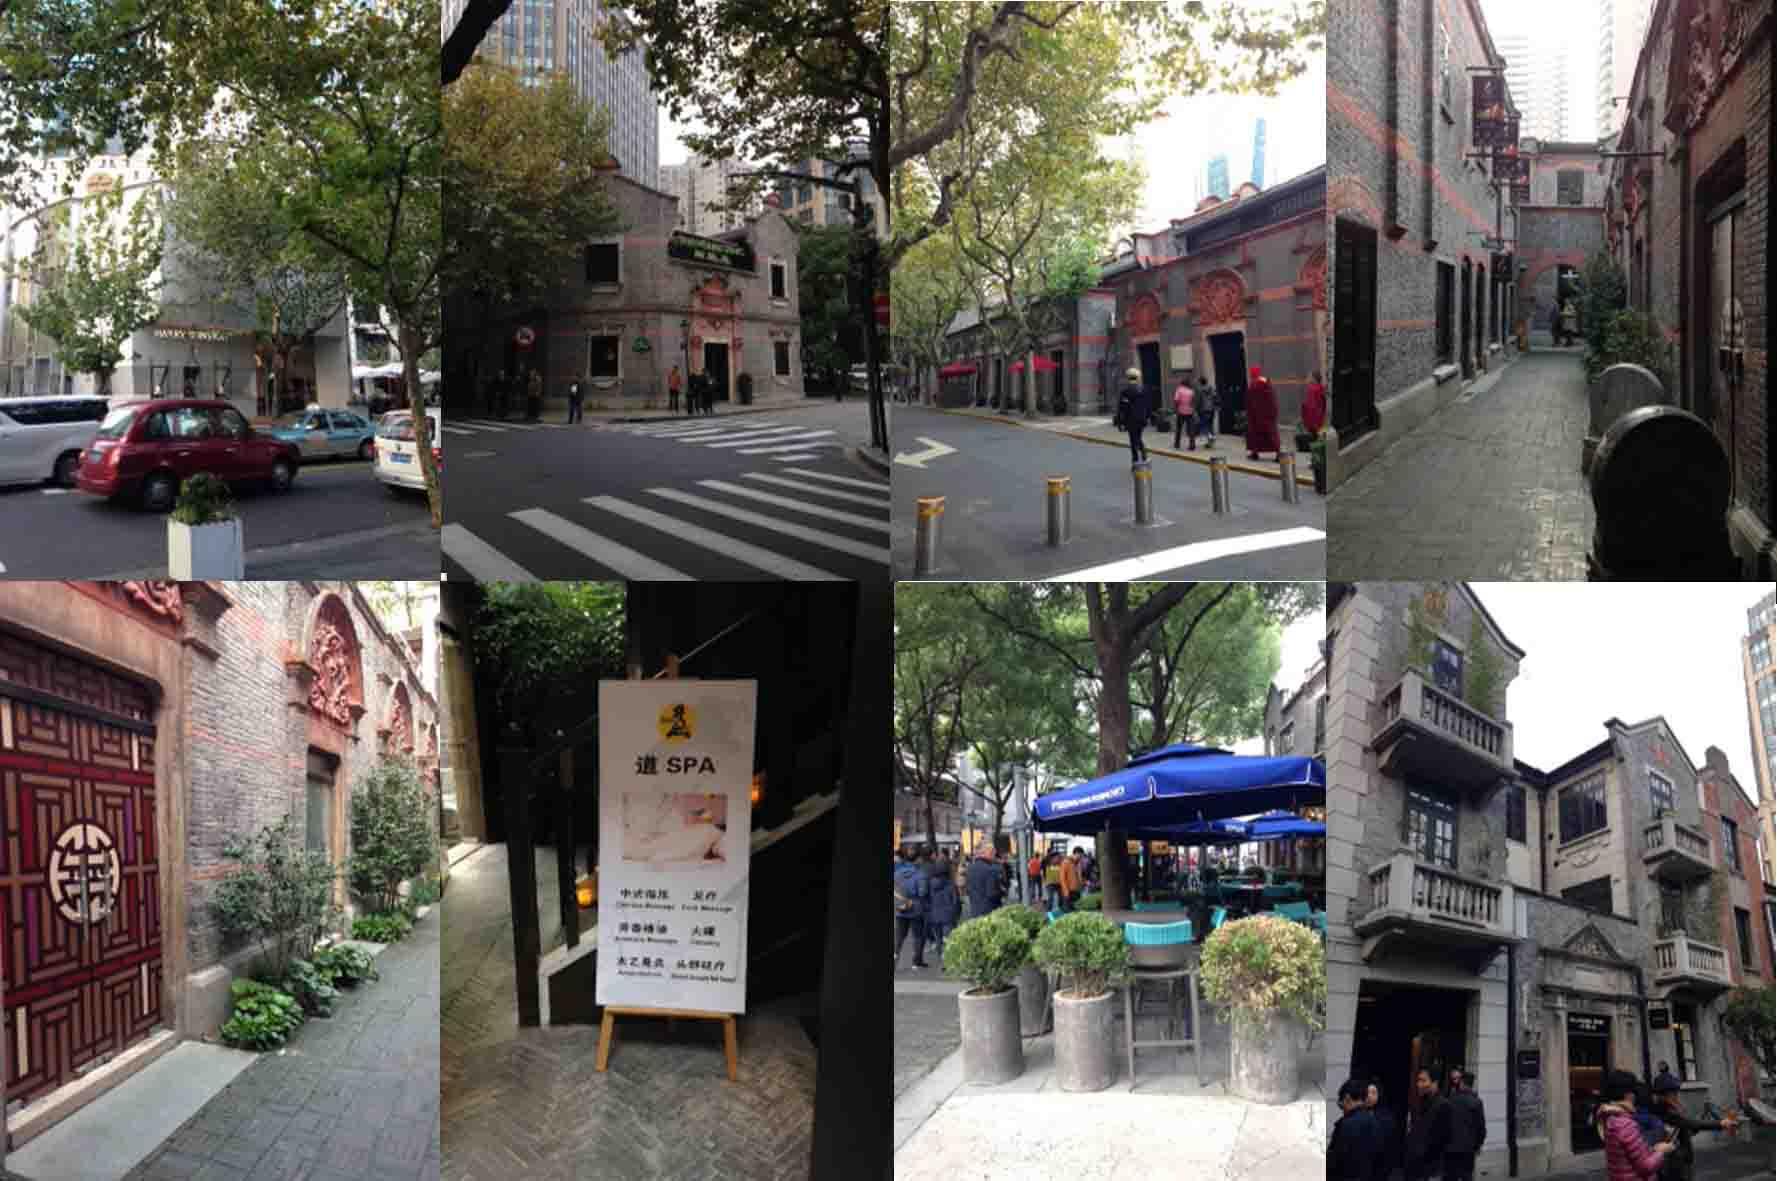 上海に行ってきました☆_a0175348_10183537.jpg